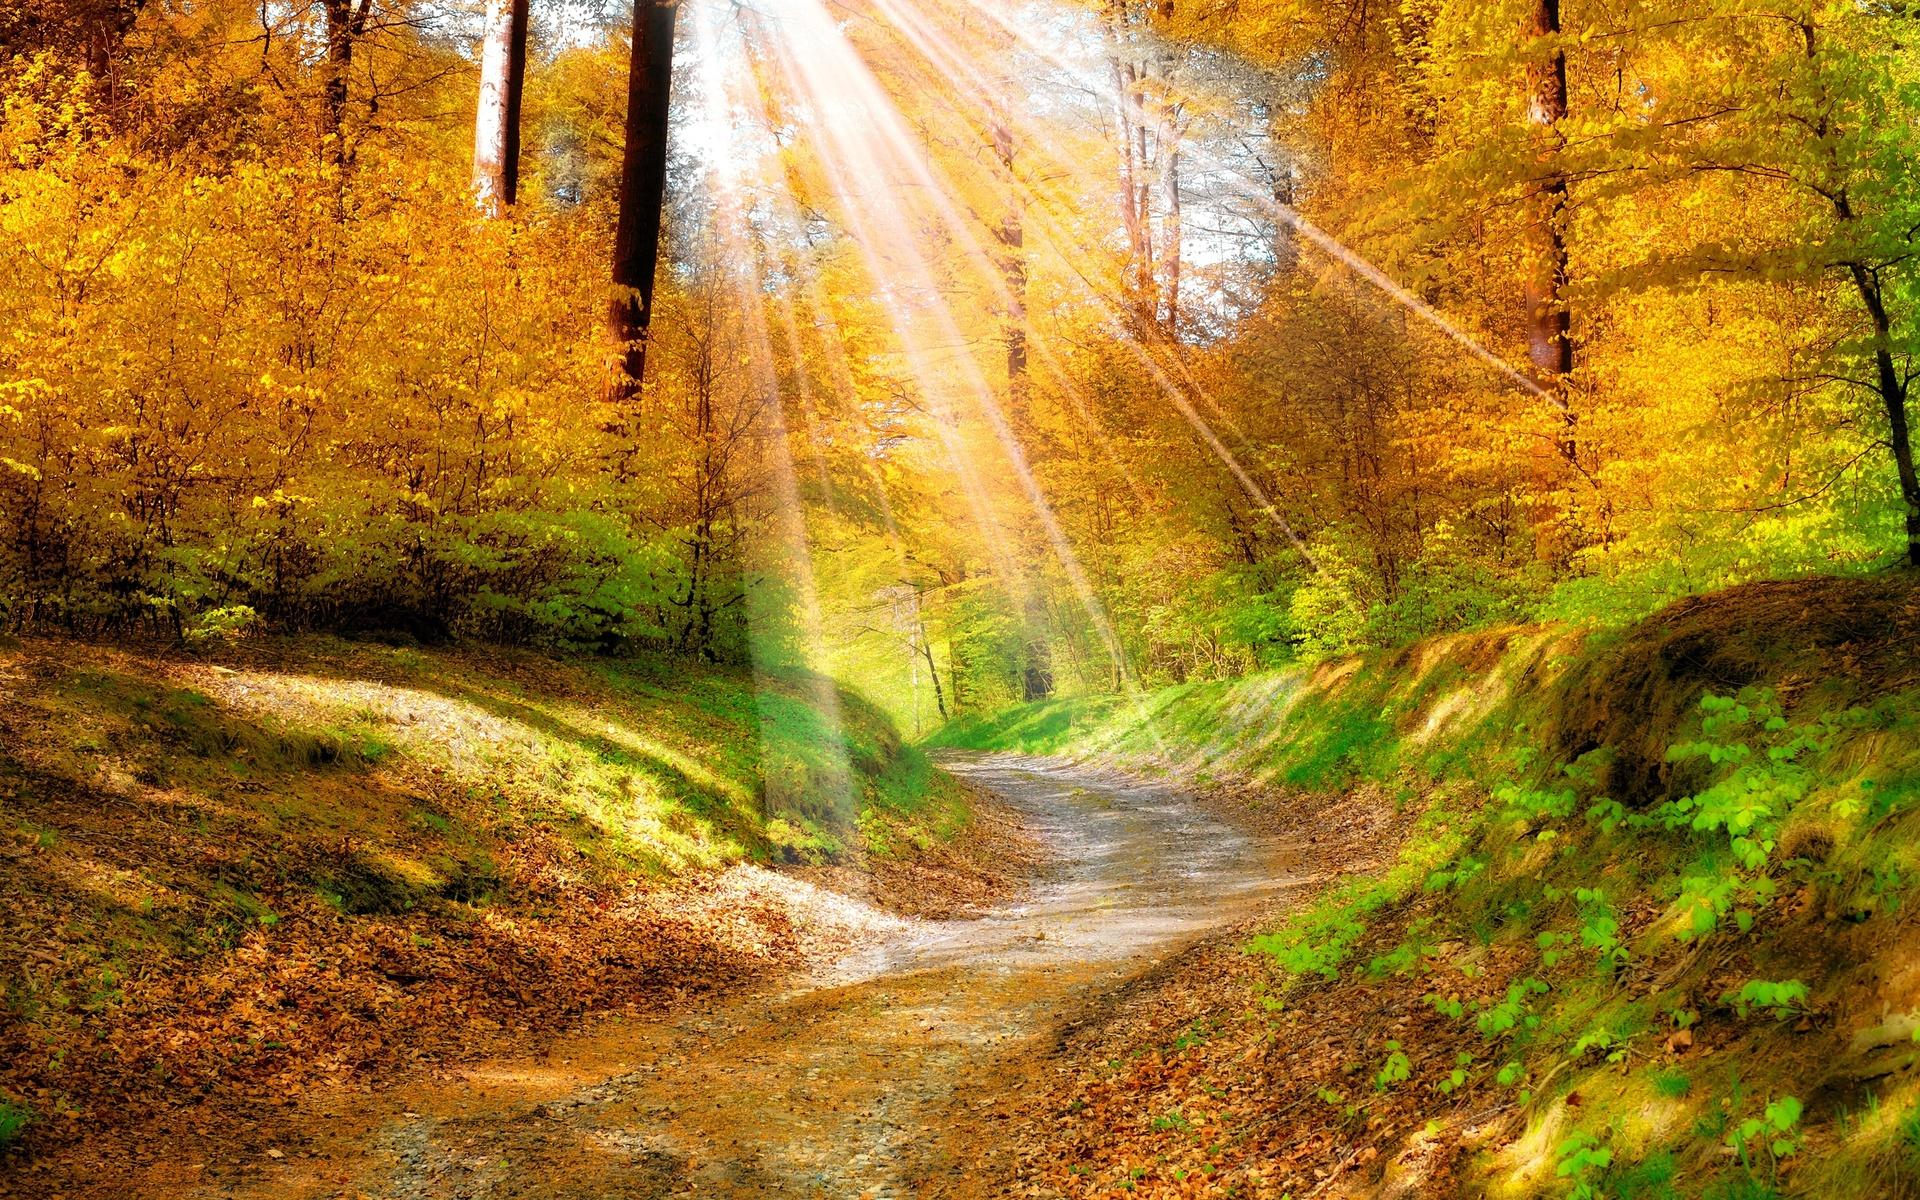 жили красивые картинки леса осеннего продуктивным